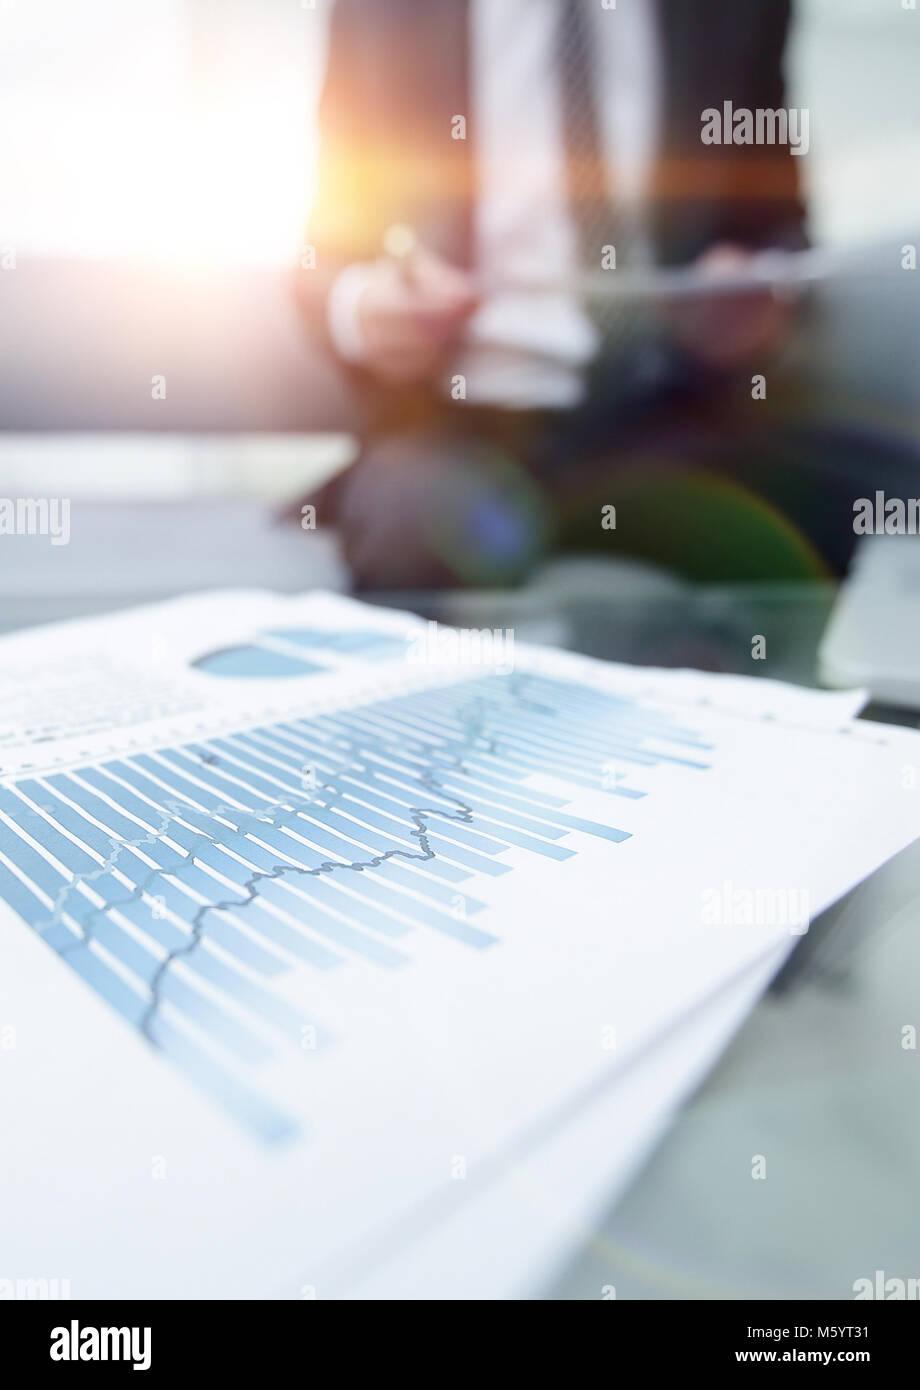 Grafico finanziario sul desktop. background aziendale. Immagini Stock